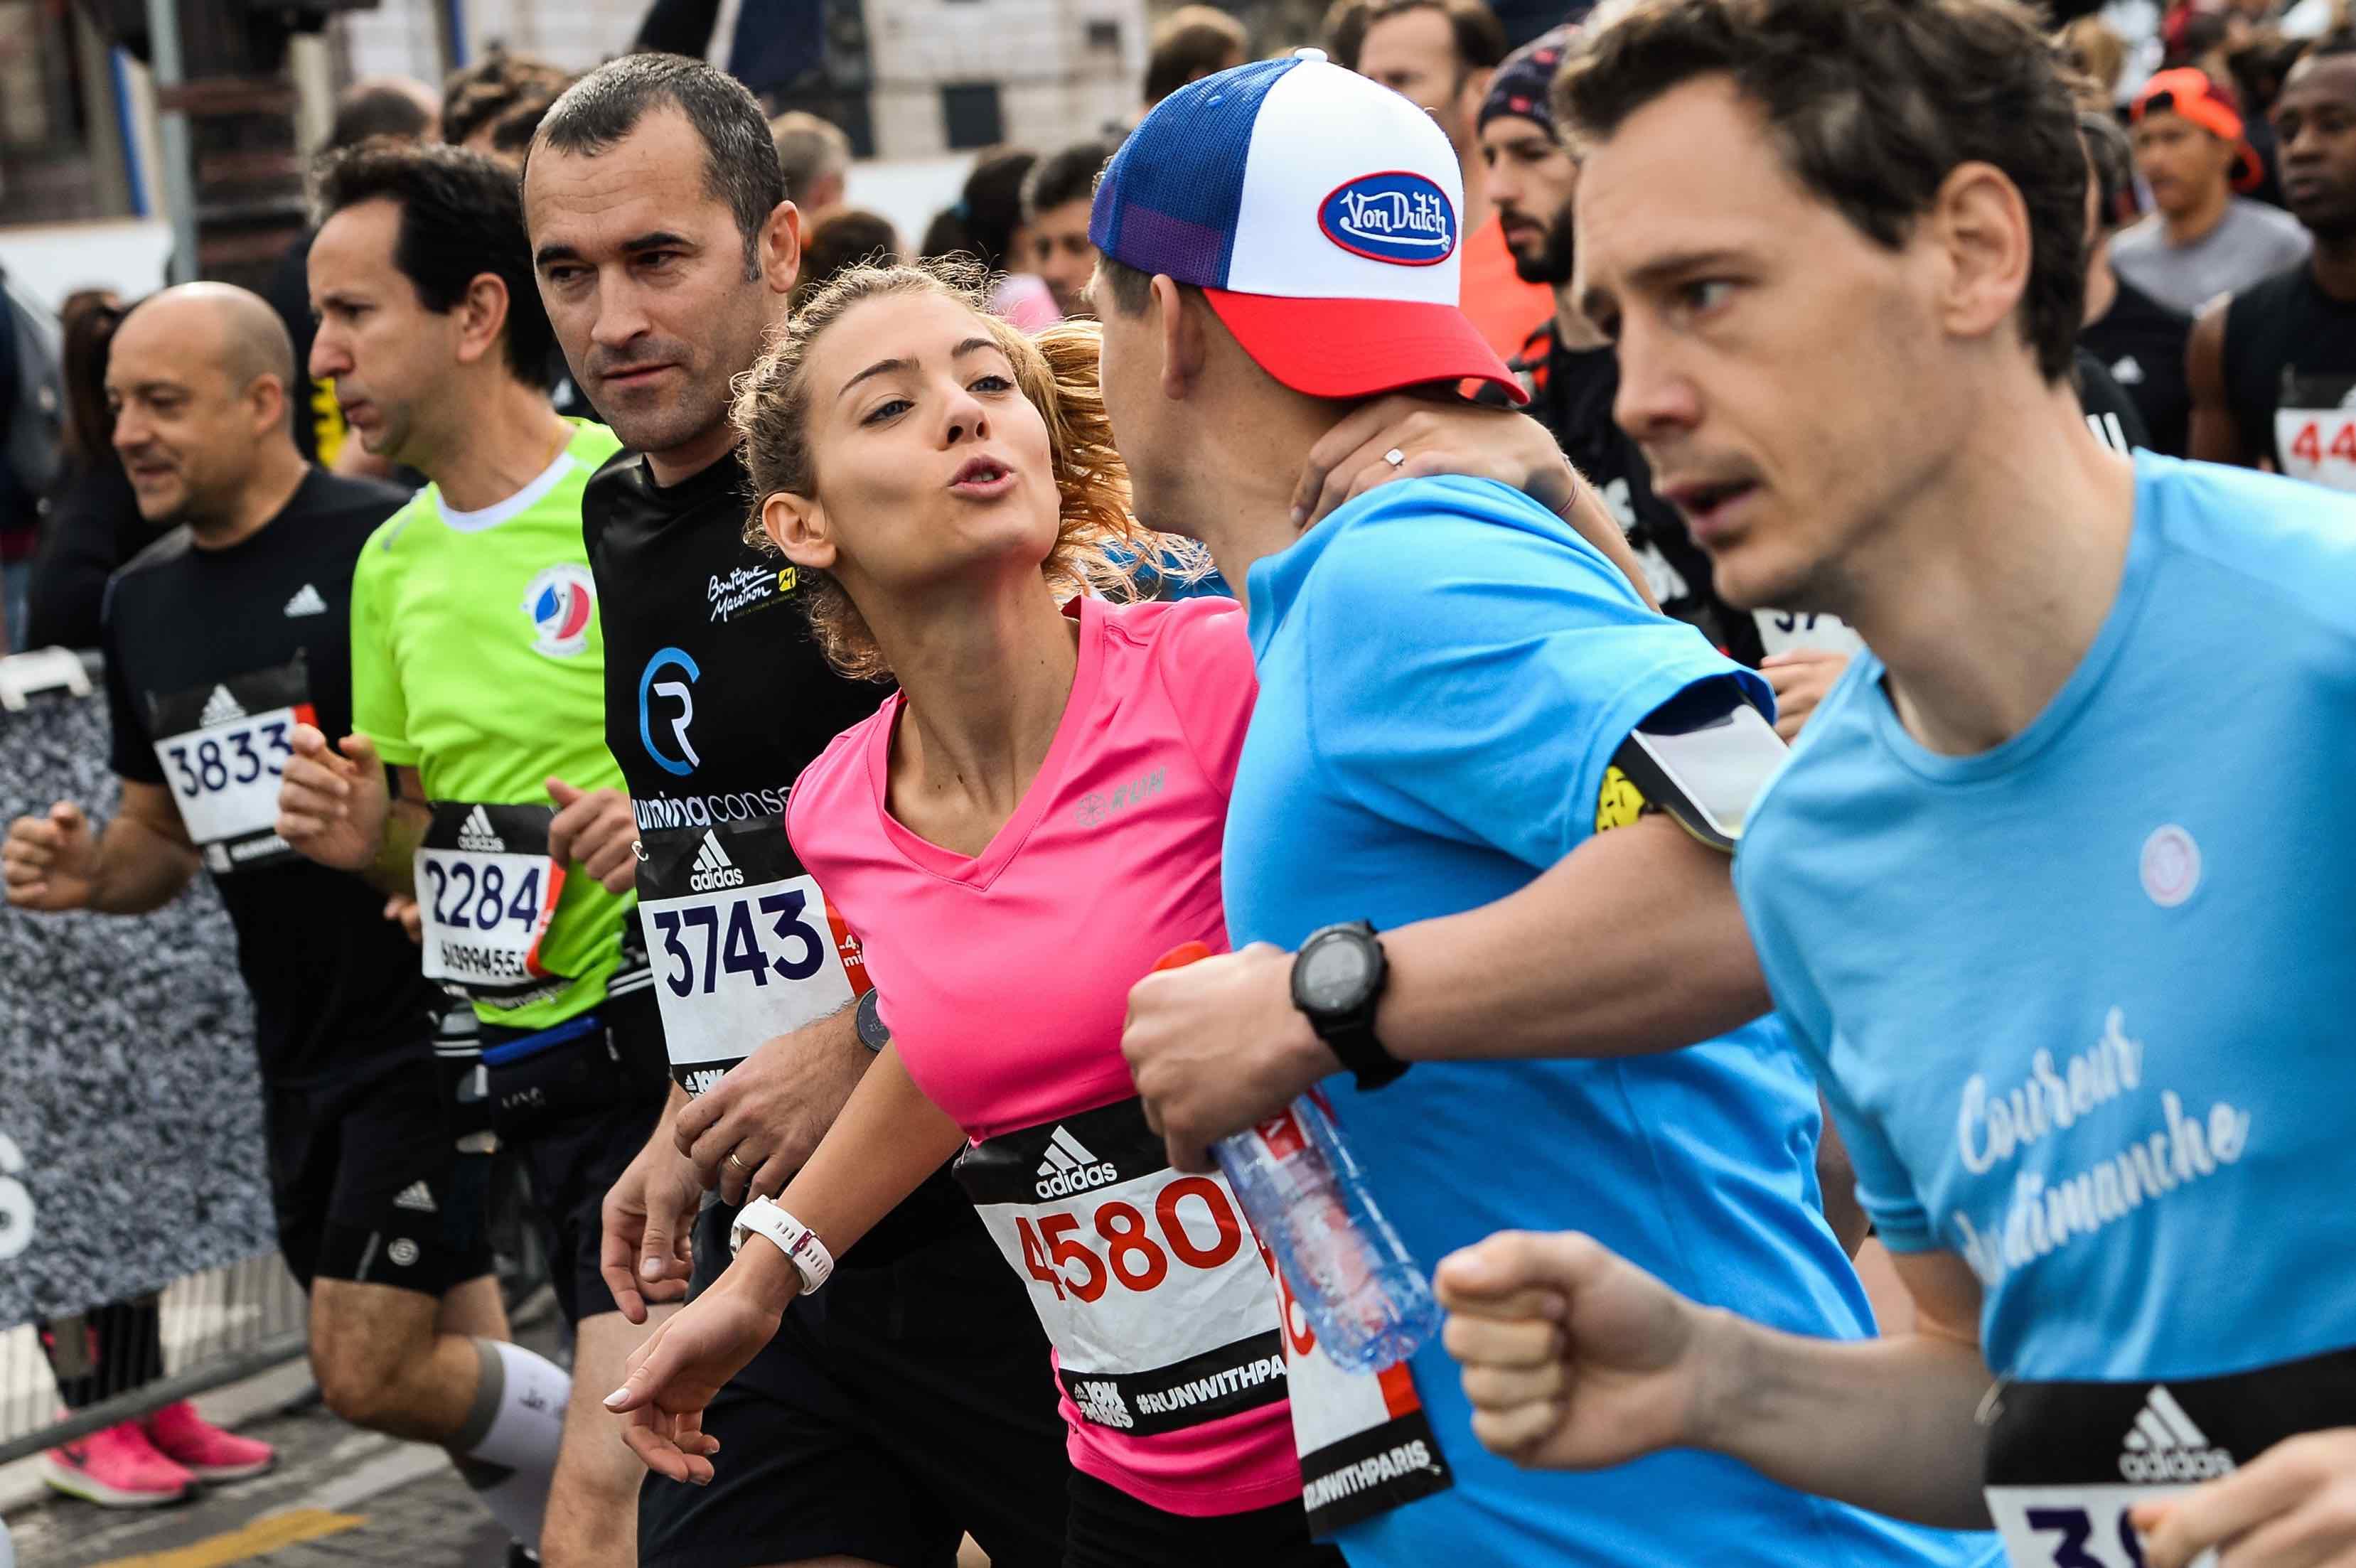 En quelques années, le running a explosé en France. Aujourd'hui, les courses ne cessent de se multiplier et sont devenues de véritables événements festifs !